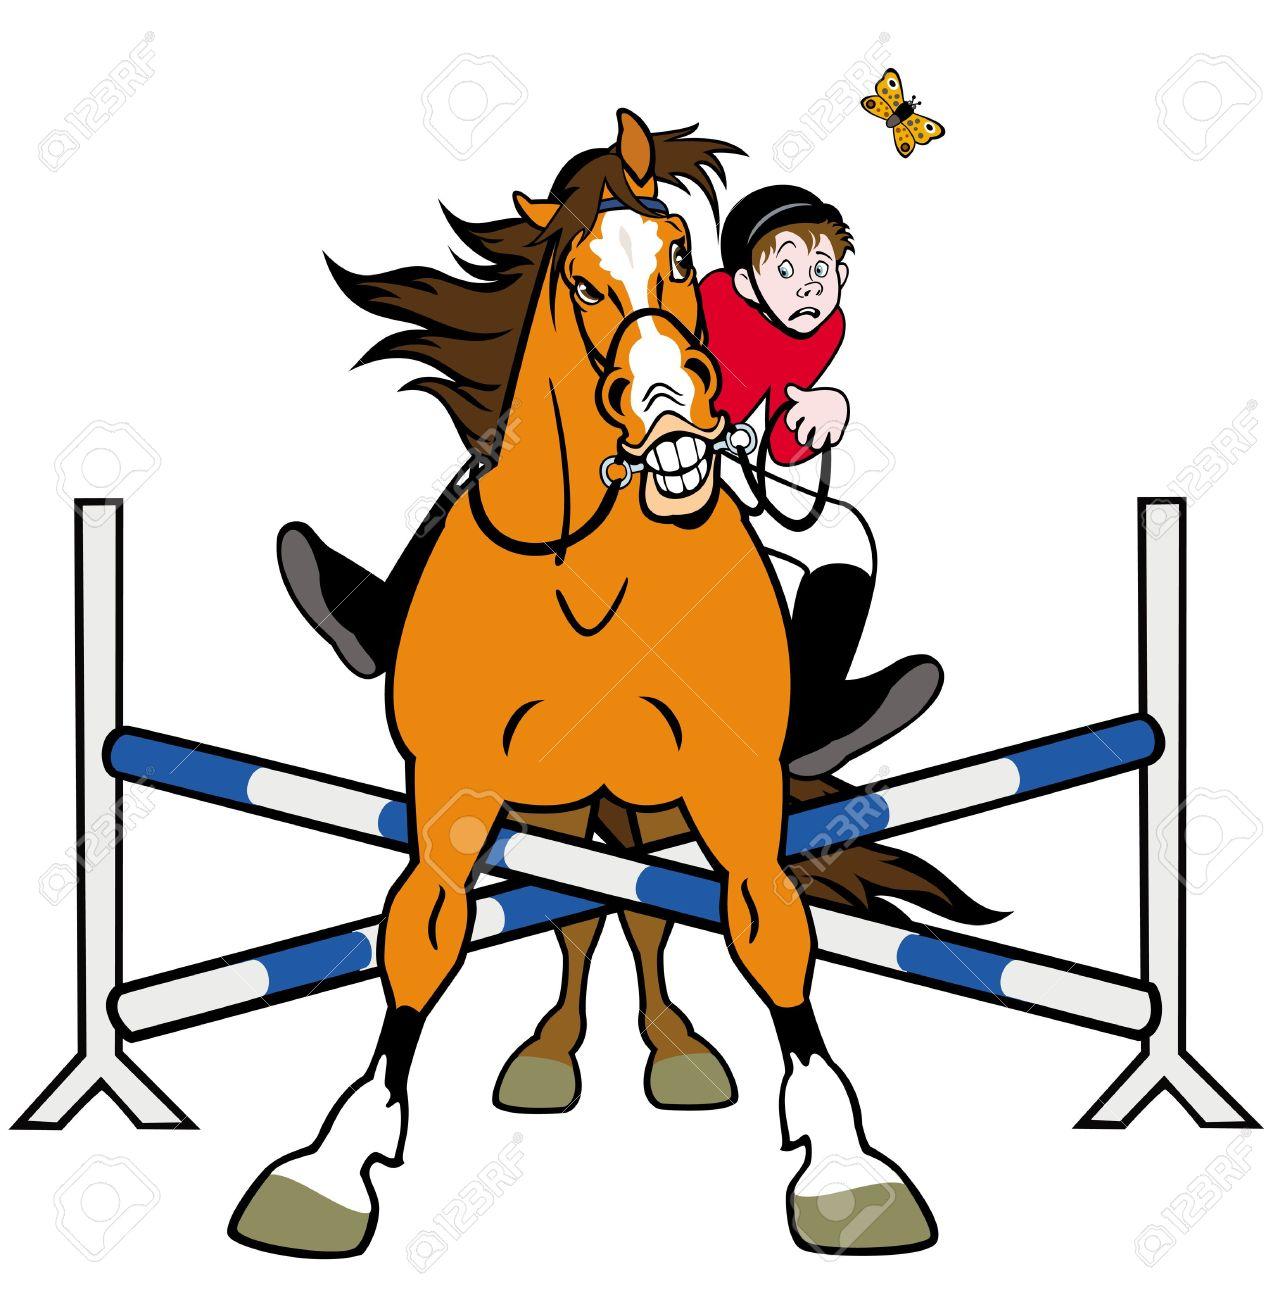 Equestrian Sport,horse Rider In Jumping Show,cartoon Illustration.